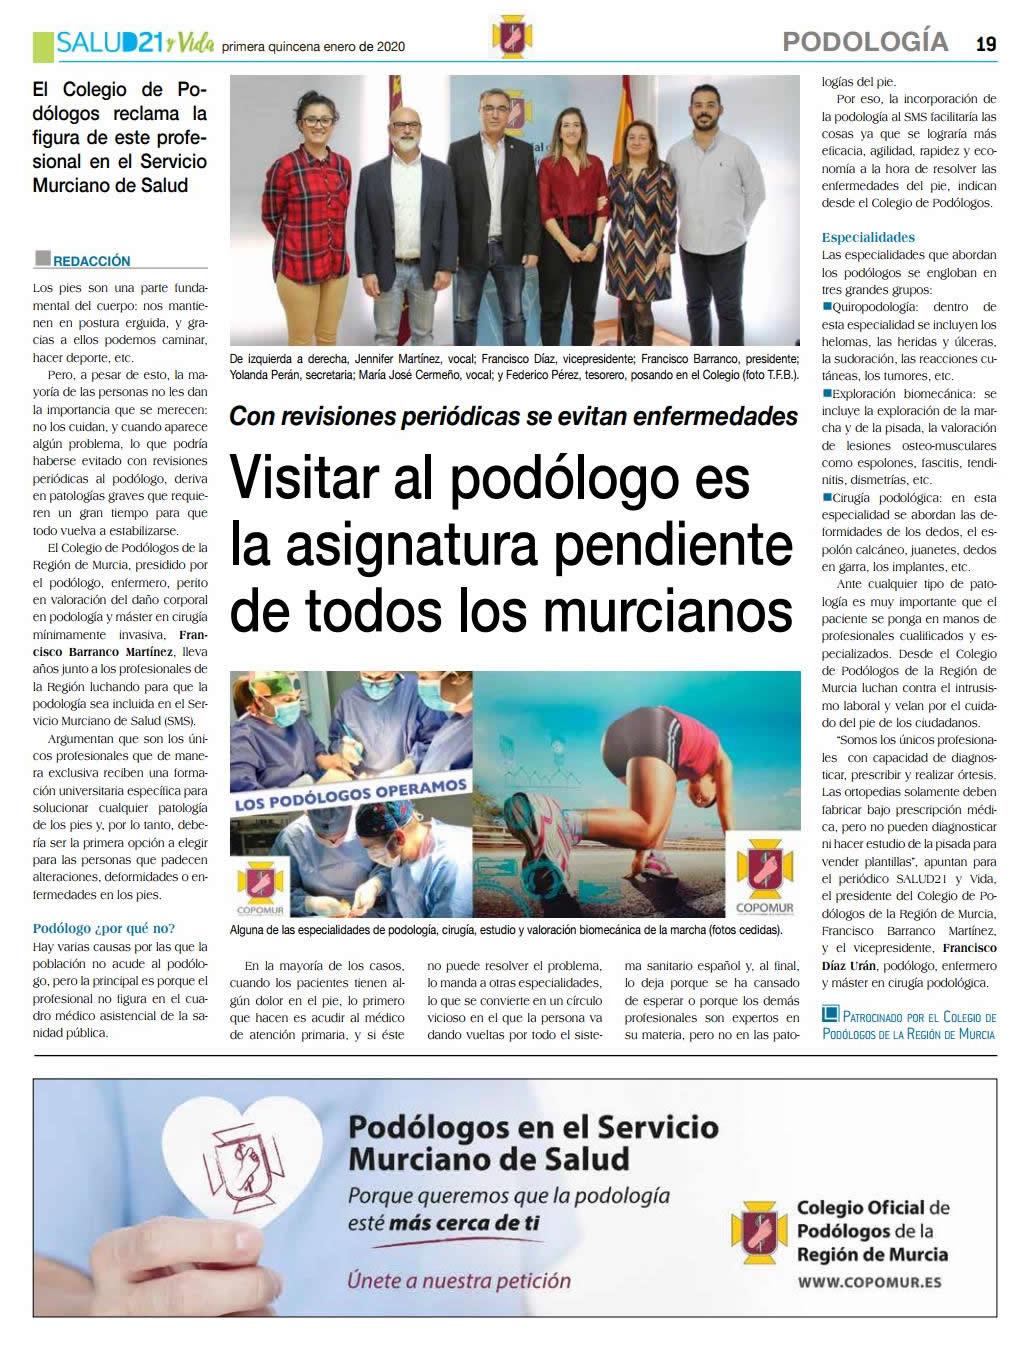 Podólogos en el Servicio Murciano de Salud